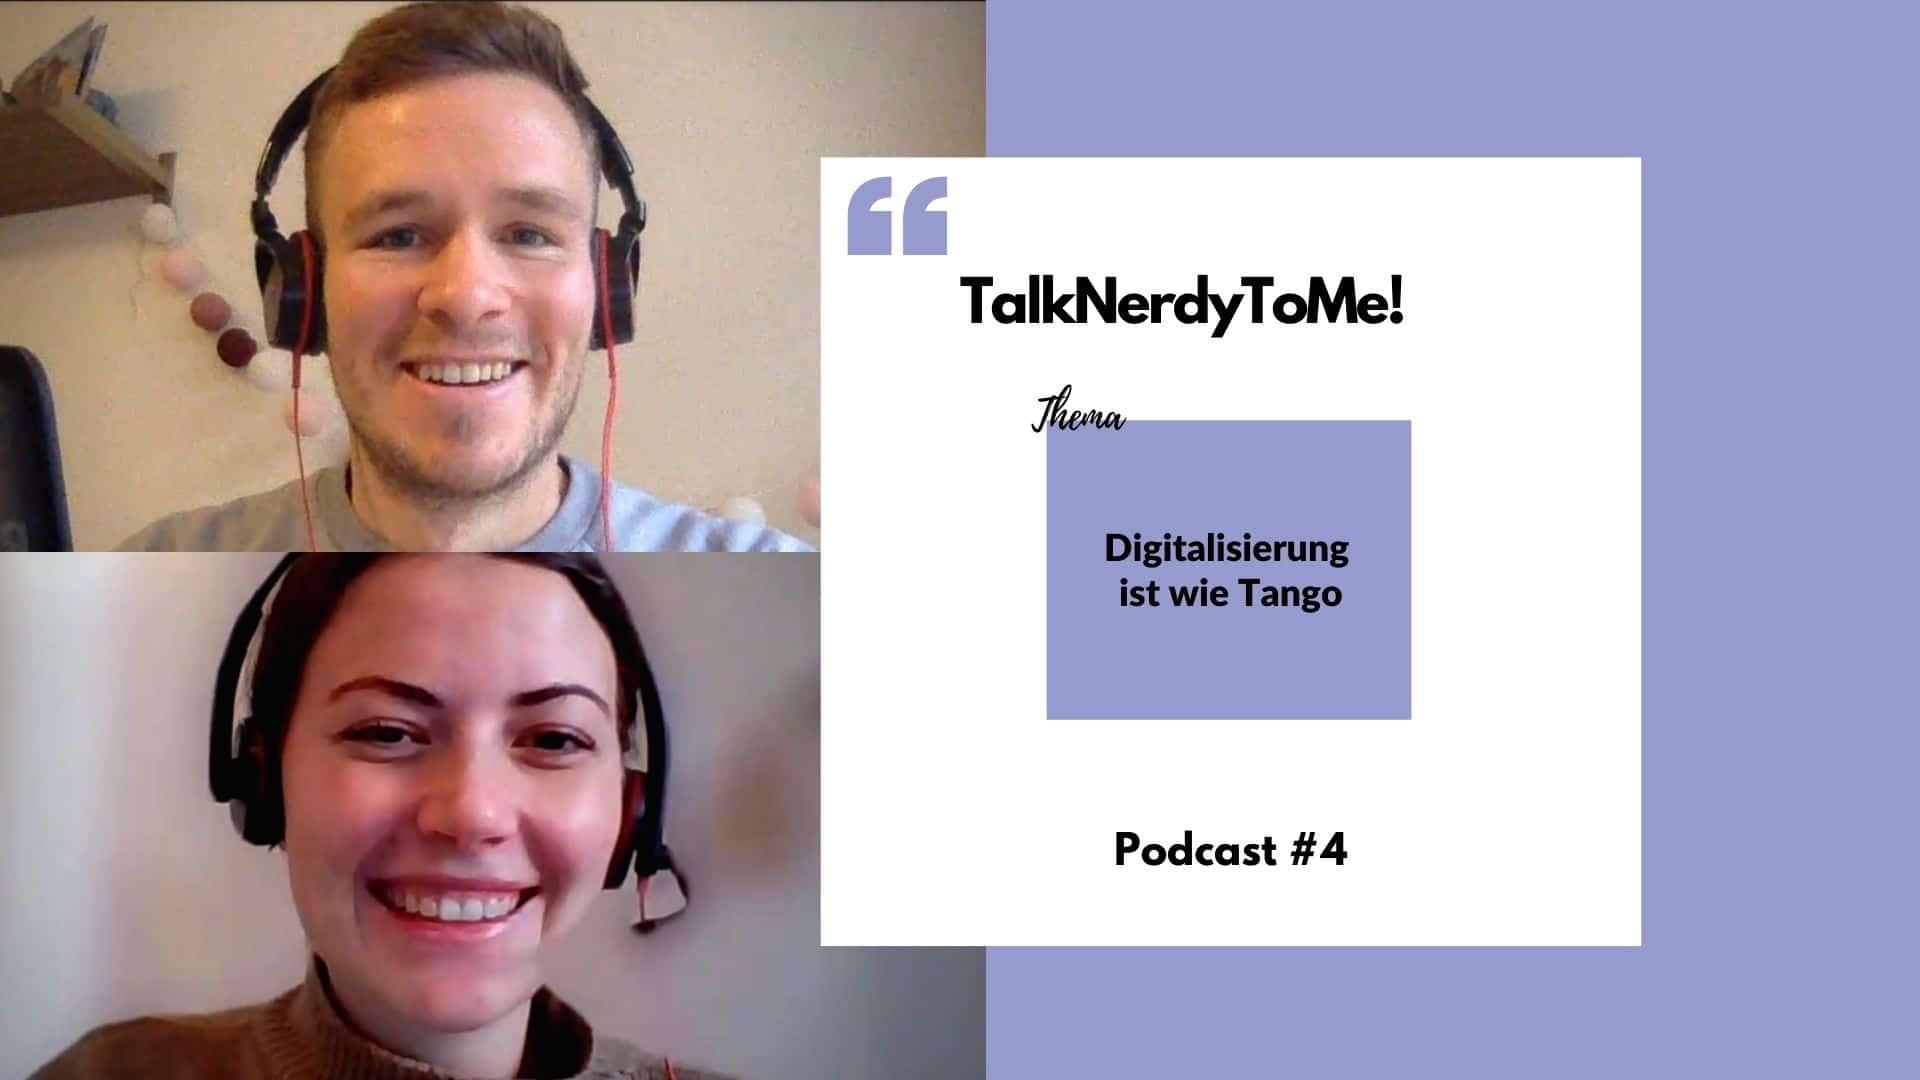 Podcast Digitalisierung ist wie Tango